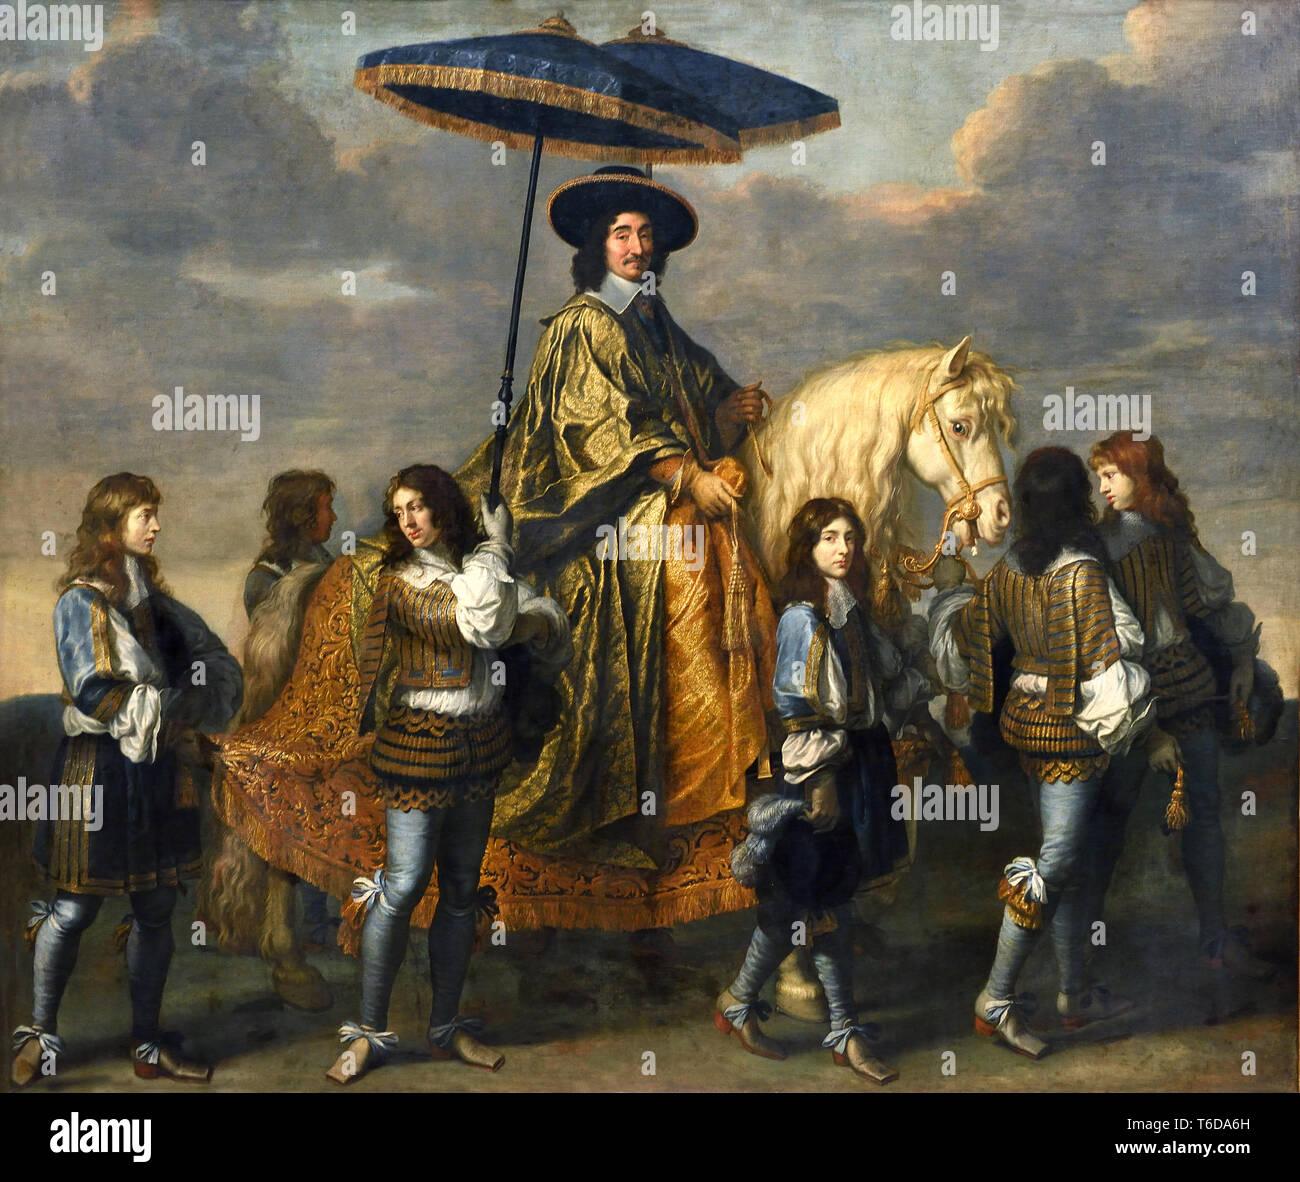 Portrait équestre de Pierre Séguier - Pierre Séguier (1588-1672), Chancellor of France 1660 (1588-1672), Chancellor of France 1660 by Charles LE BRUN 1619 - 1690, Paris ,French, France. - Stock Image